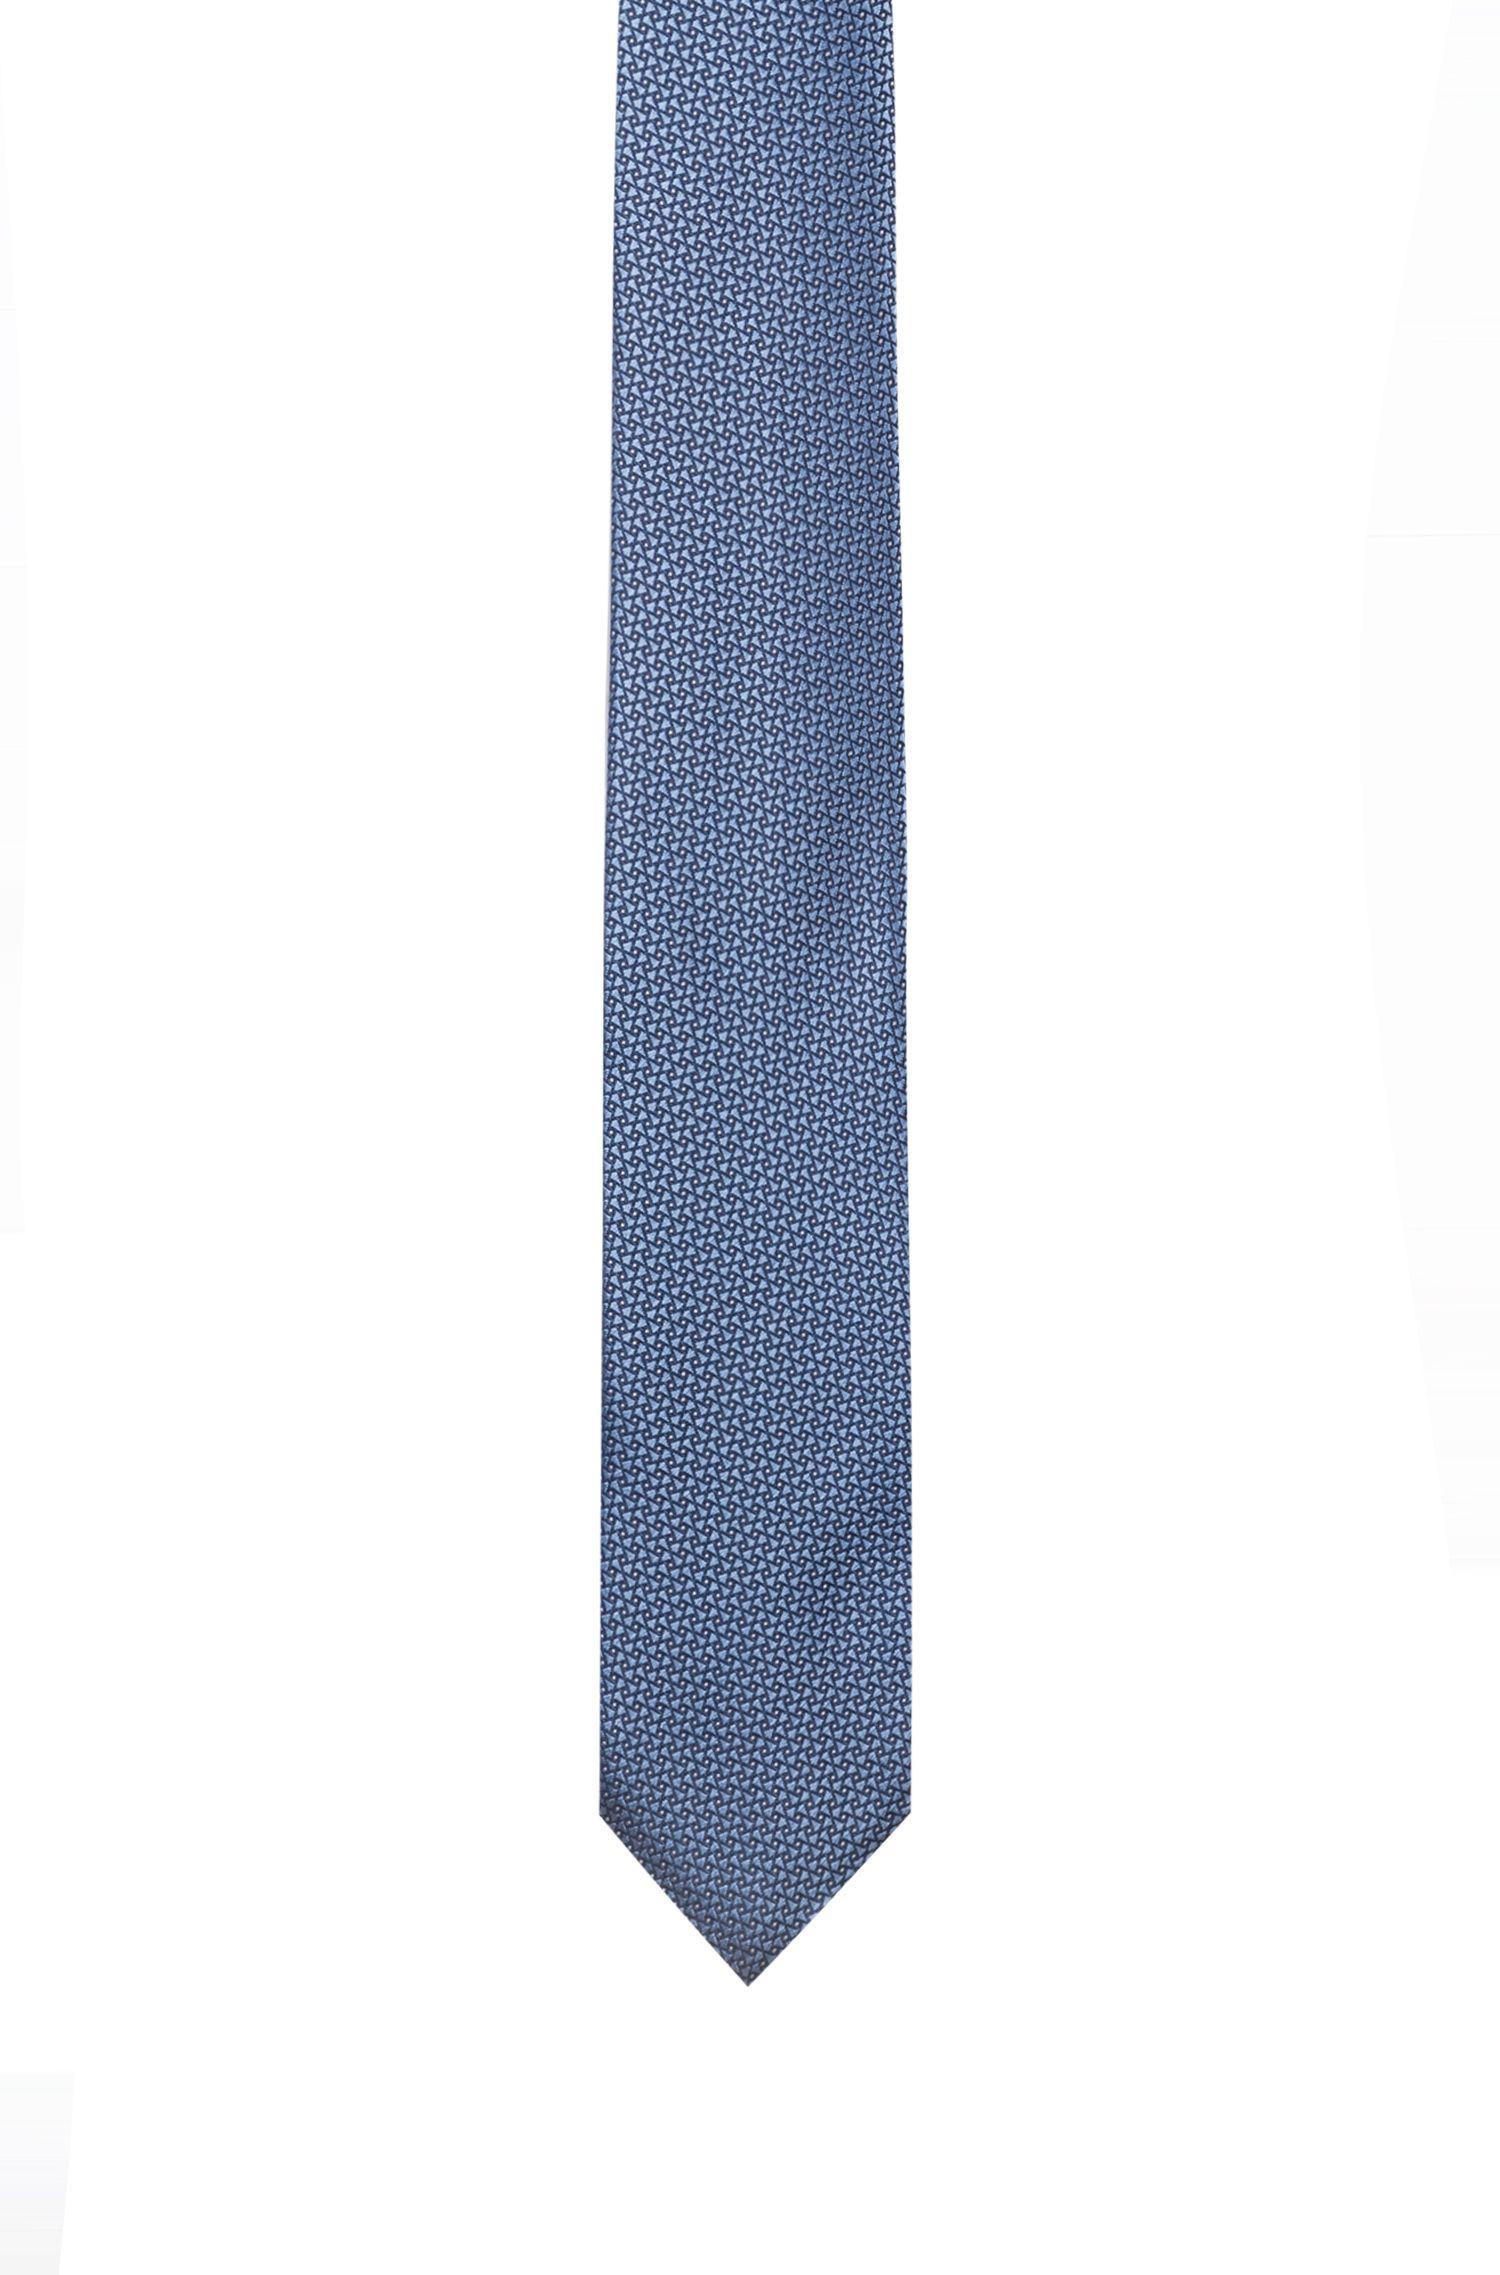 Cravatta in pura seta jacquard con microdisegni, A disegni